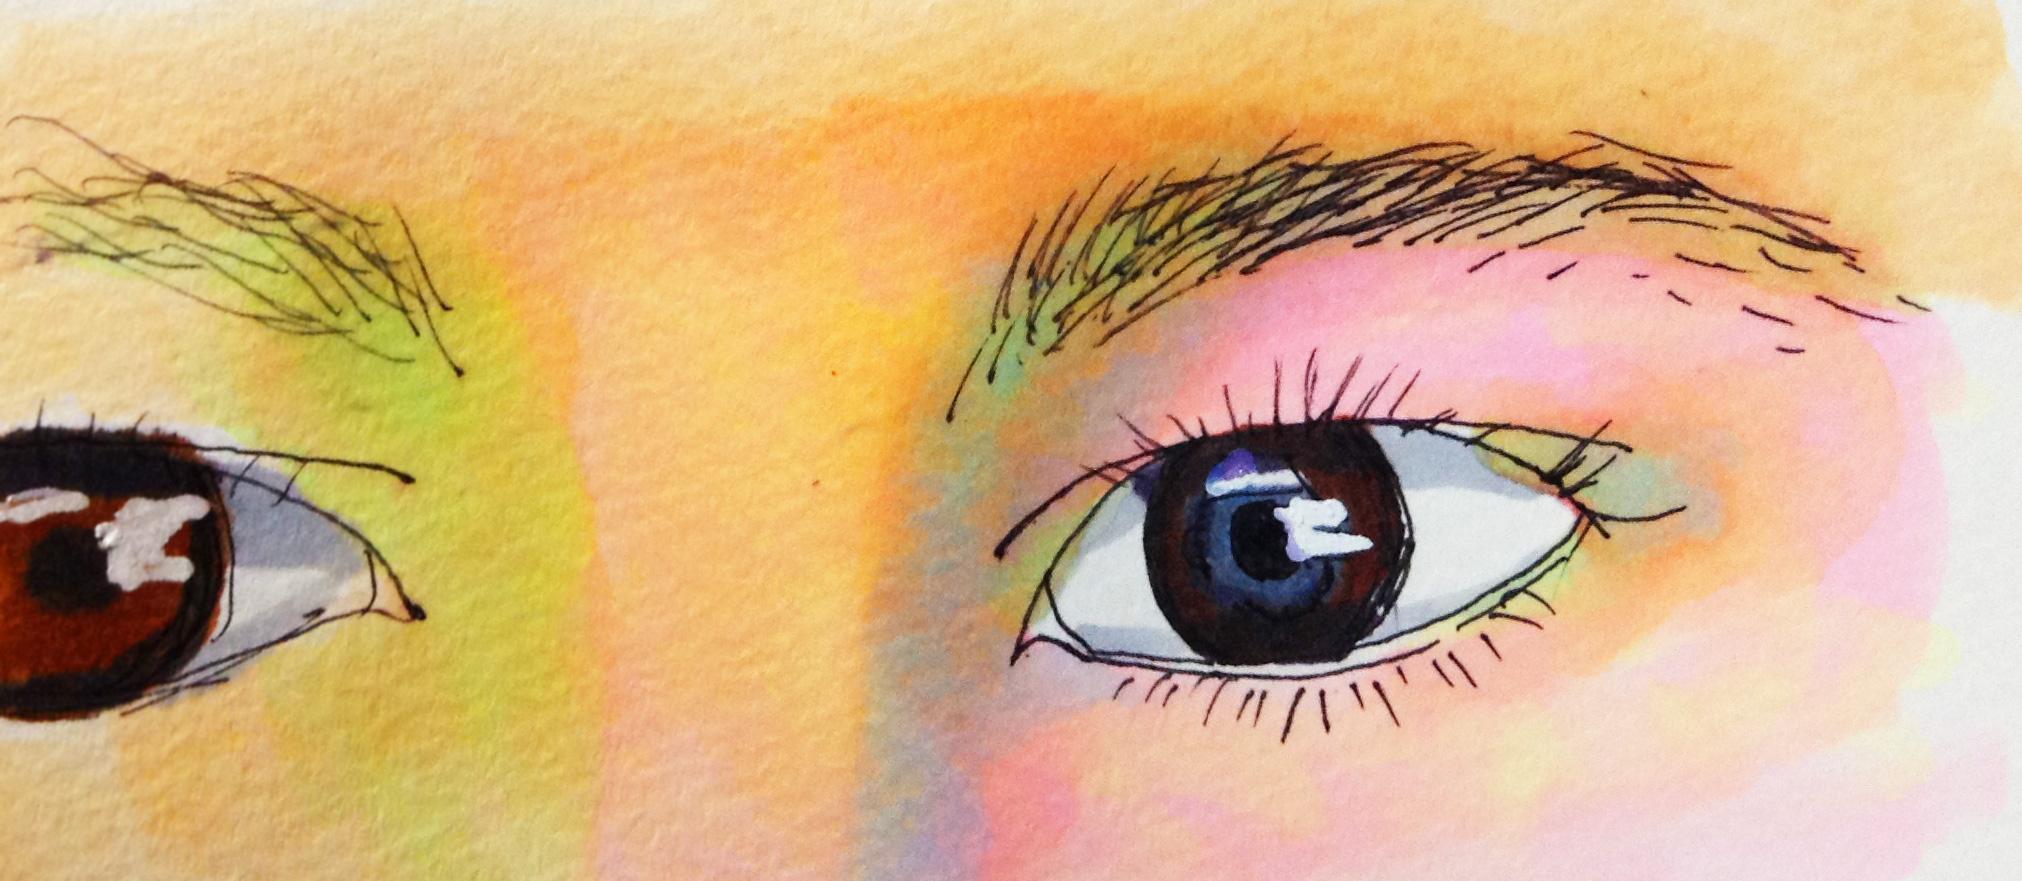 目と眉の距離が近いと美人に見えるイメージをコピックマーカーで描いたイラスト